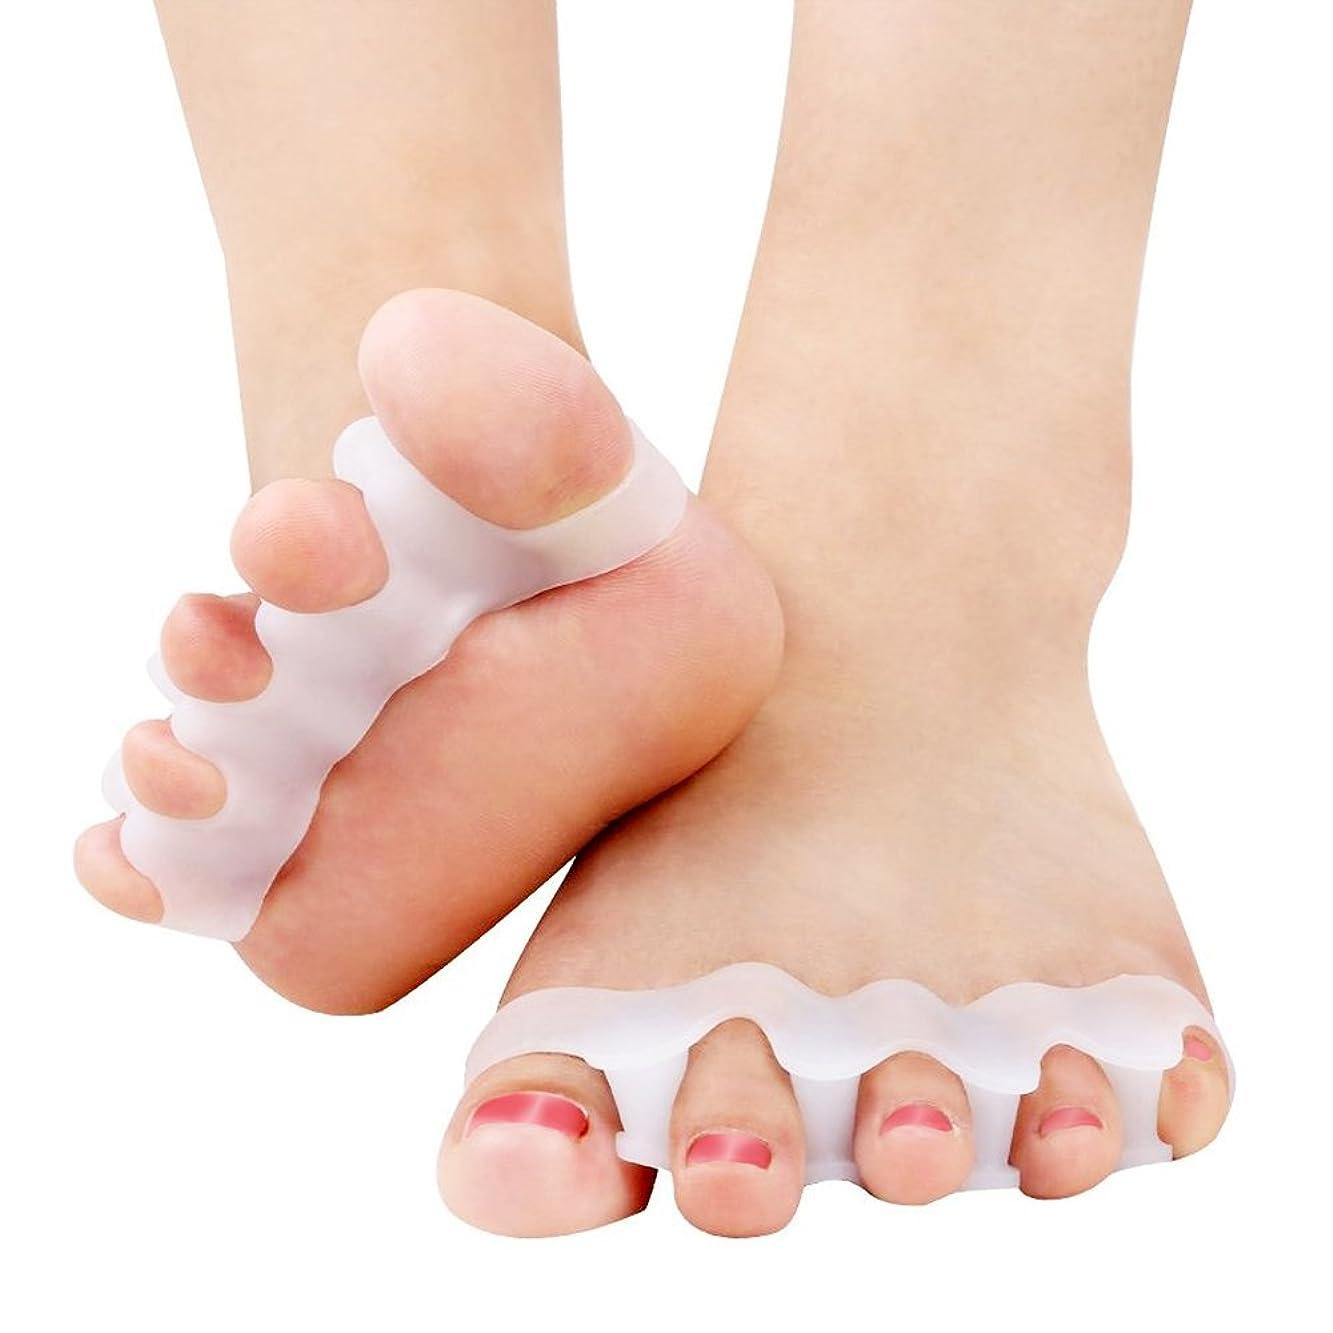 混乱させる致命的監査CandyBox 女子力UP フットネイル ペディキュア 足指全開 自宅で簡単 仕上がり奇麗 柔らかシリコン フリーサイズ